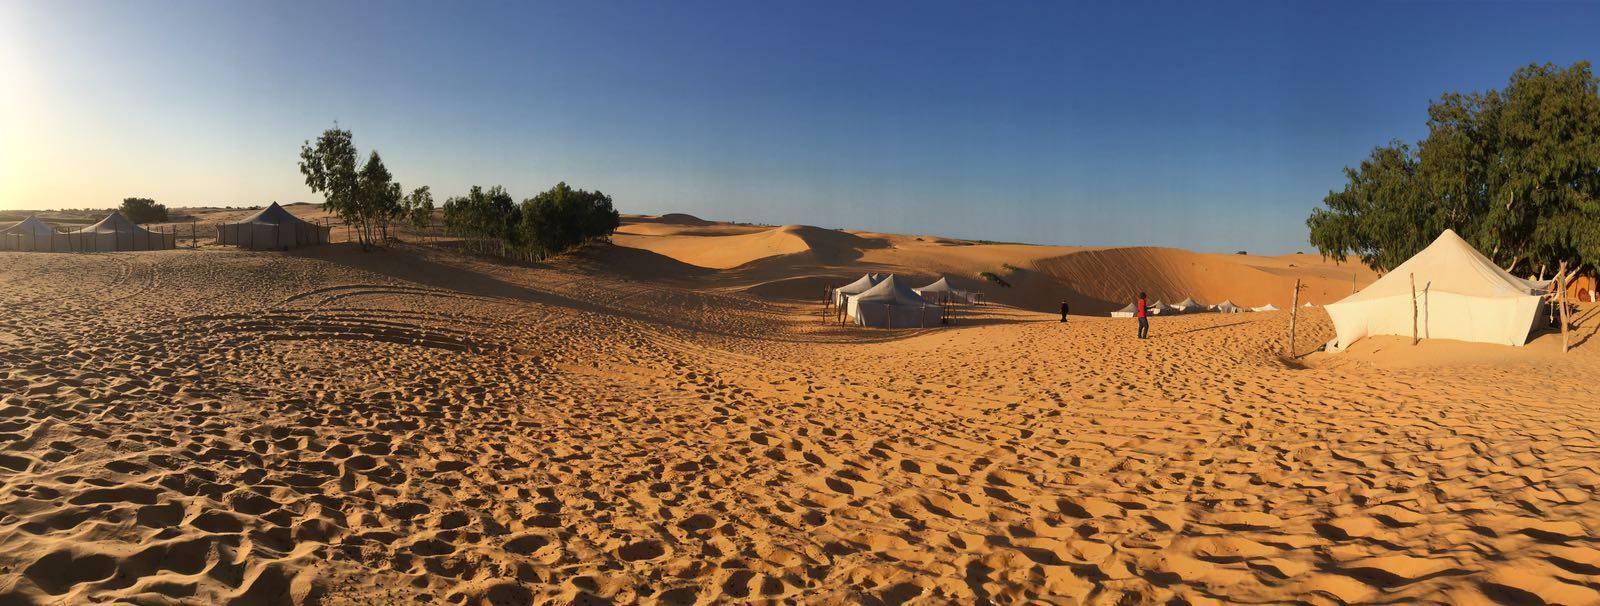 MAURITANIA: Dune e oasi